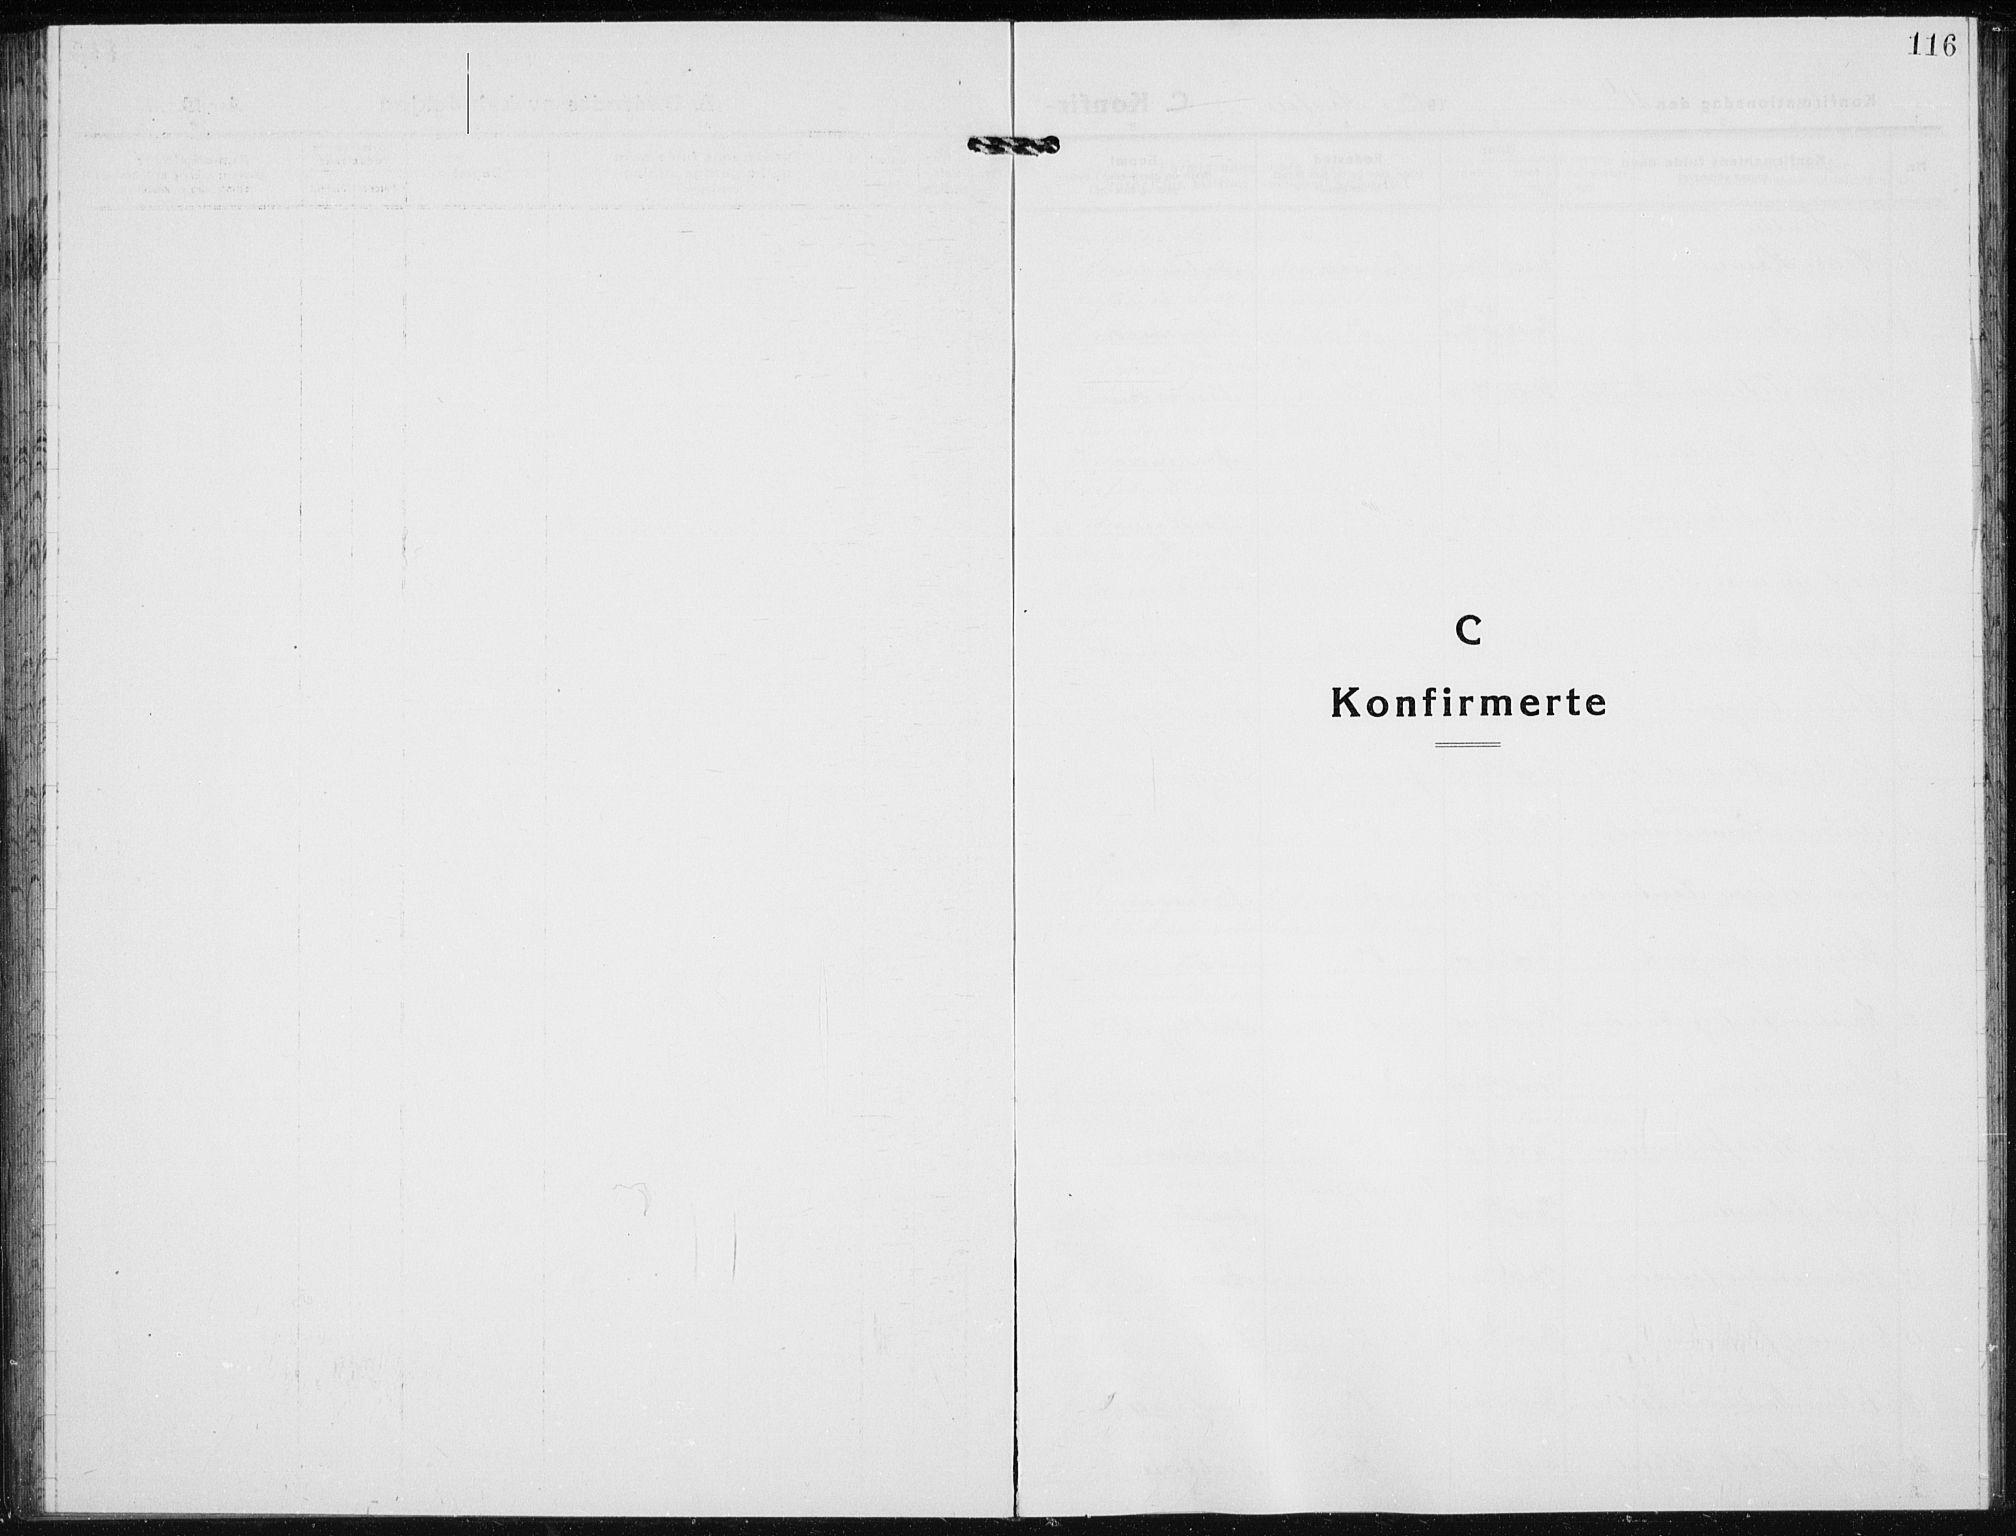 SAH, Jevnaker prestekontor, Klokkerbok nr. 5, 1919-1934, s. 116